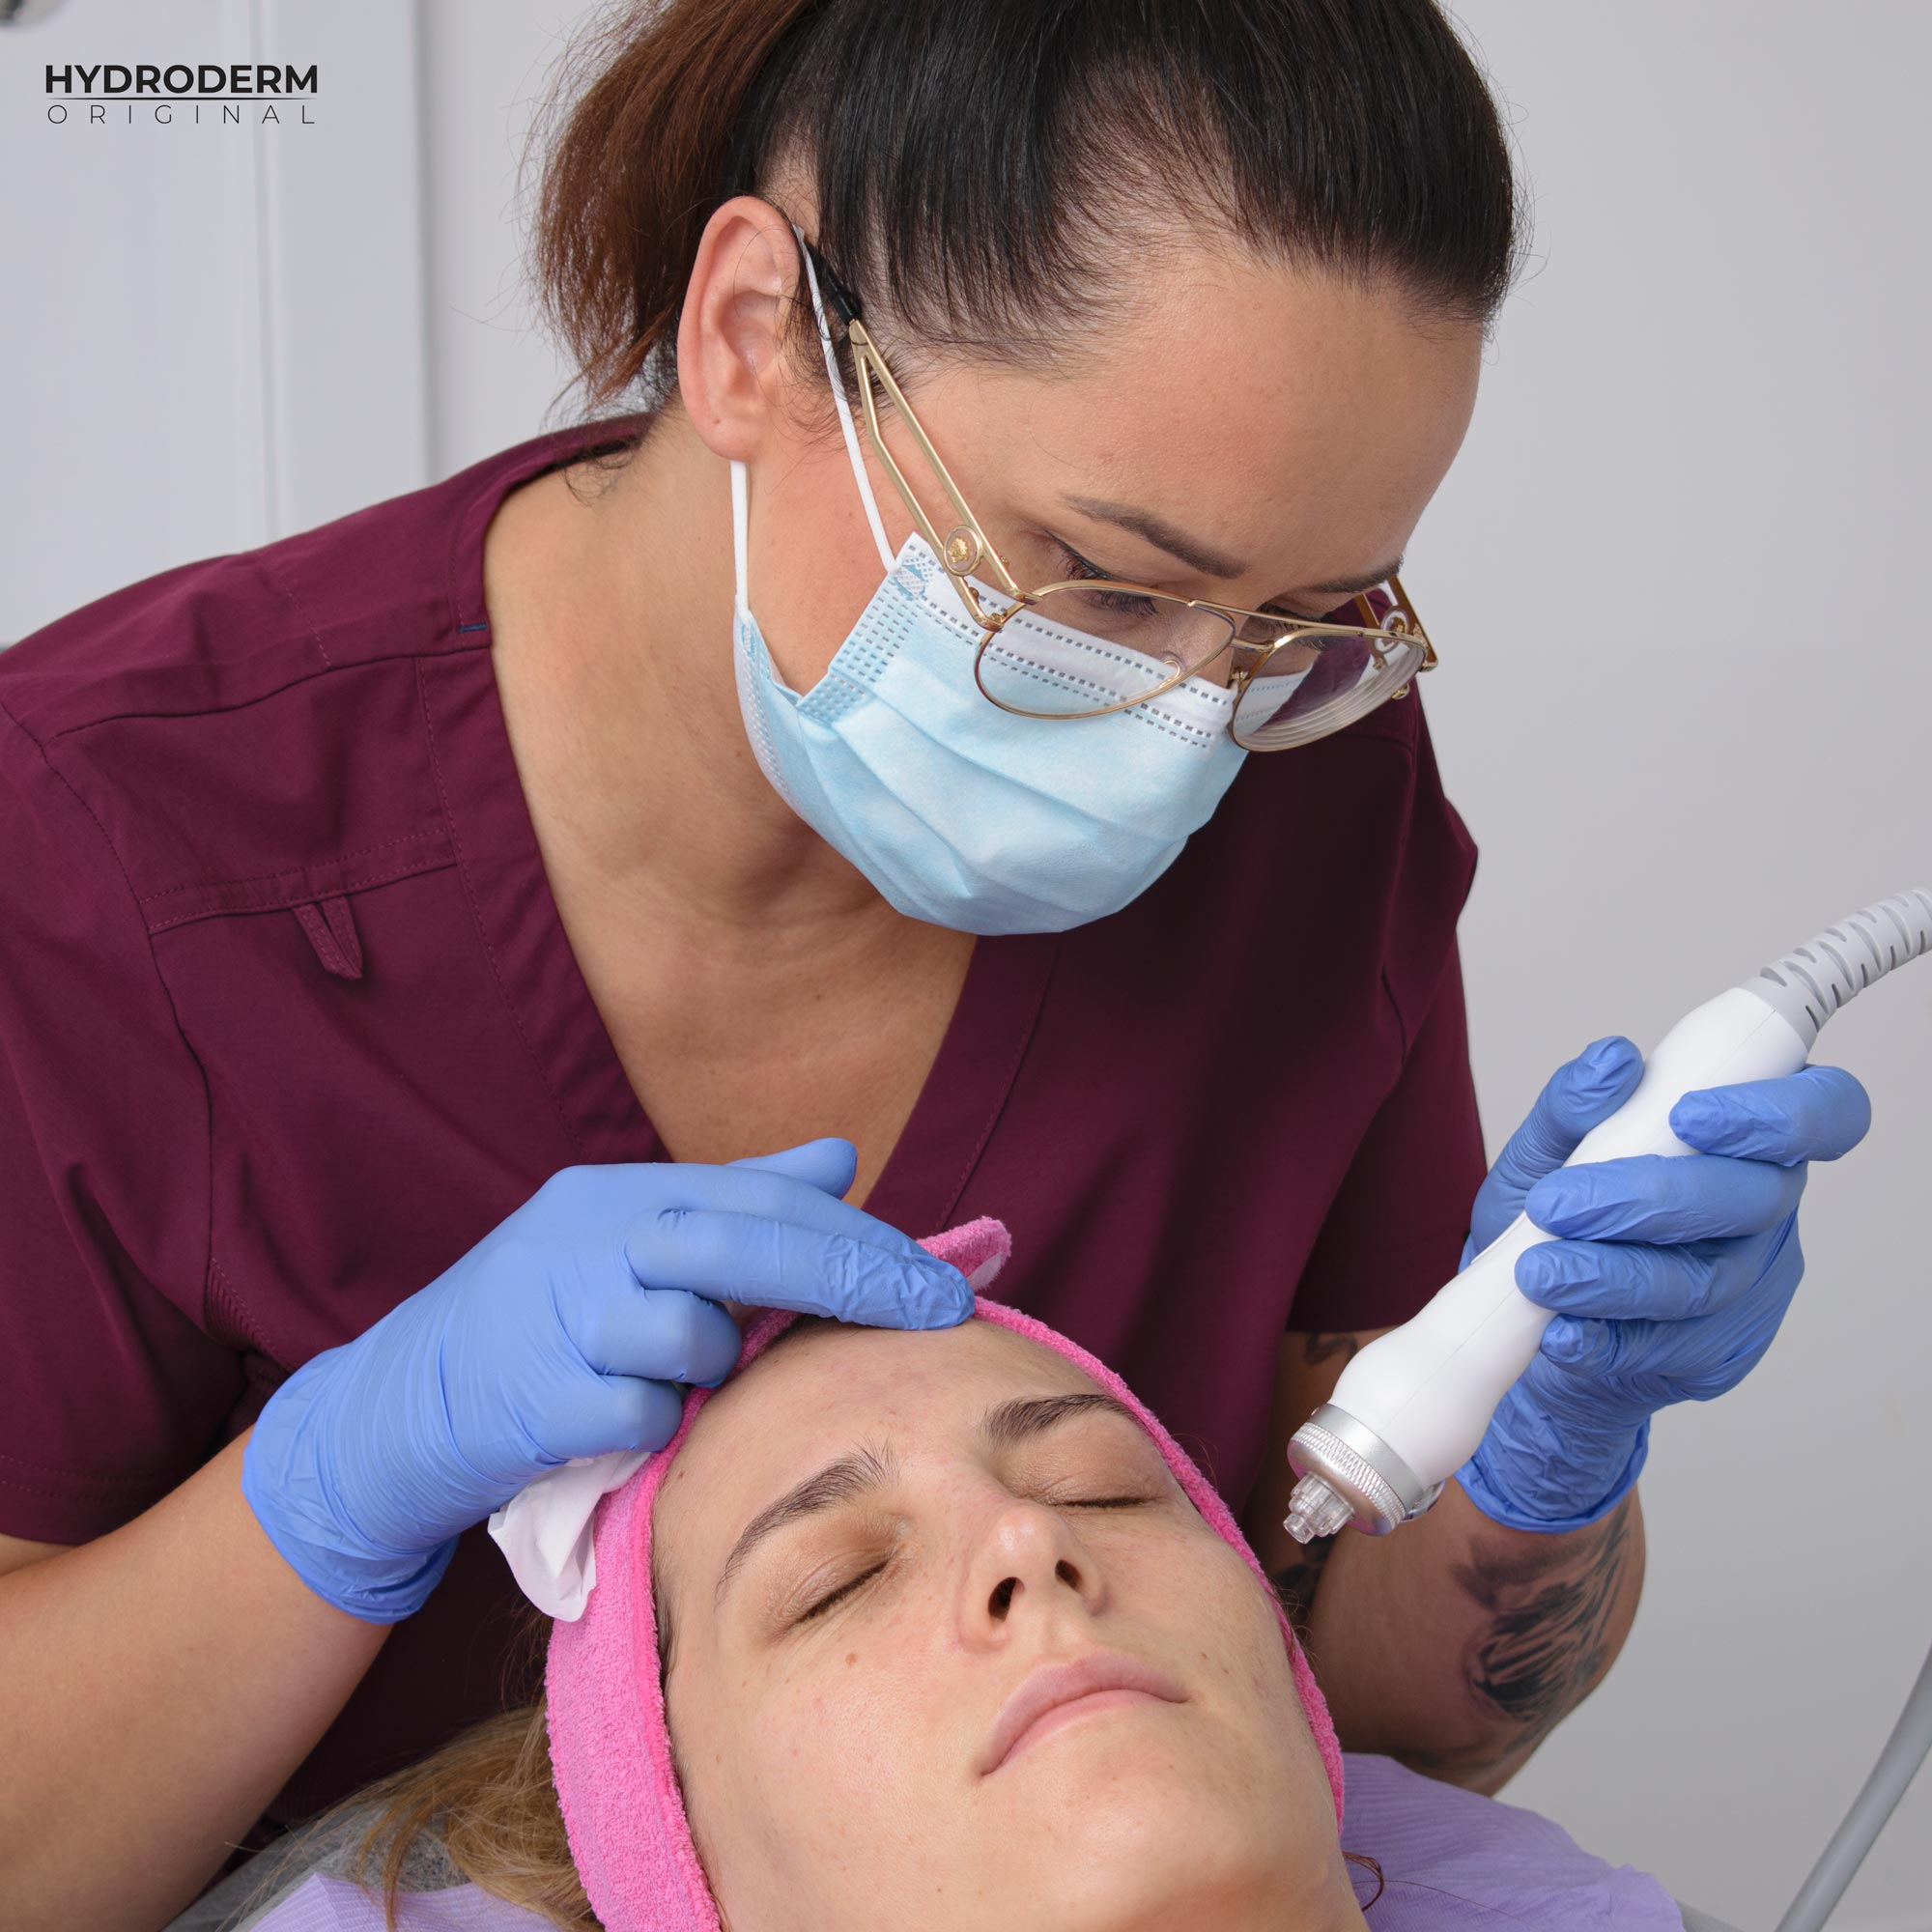 Kosmetolog krok po kroku mówi, jak wykonać infuzję tlenową za pomocą głowicy Oxygen Spray